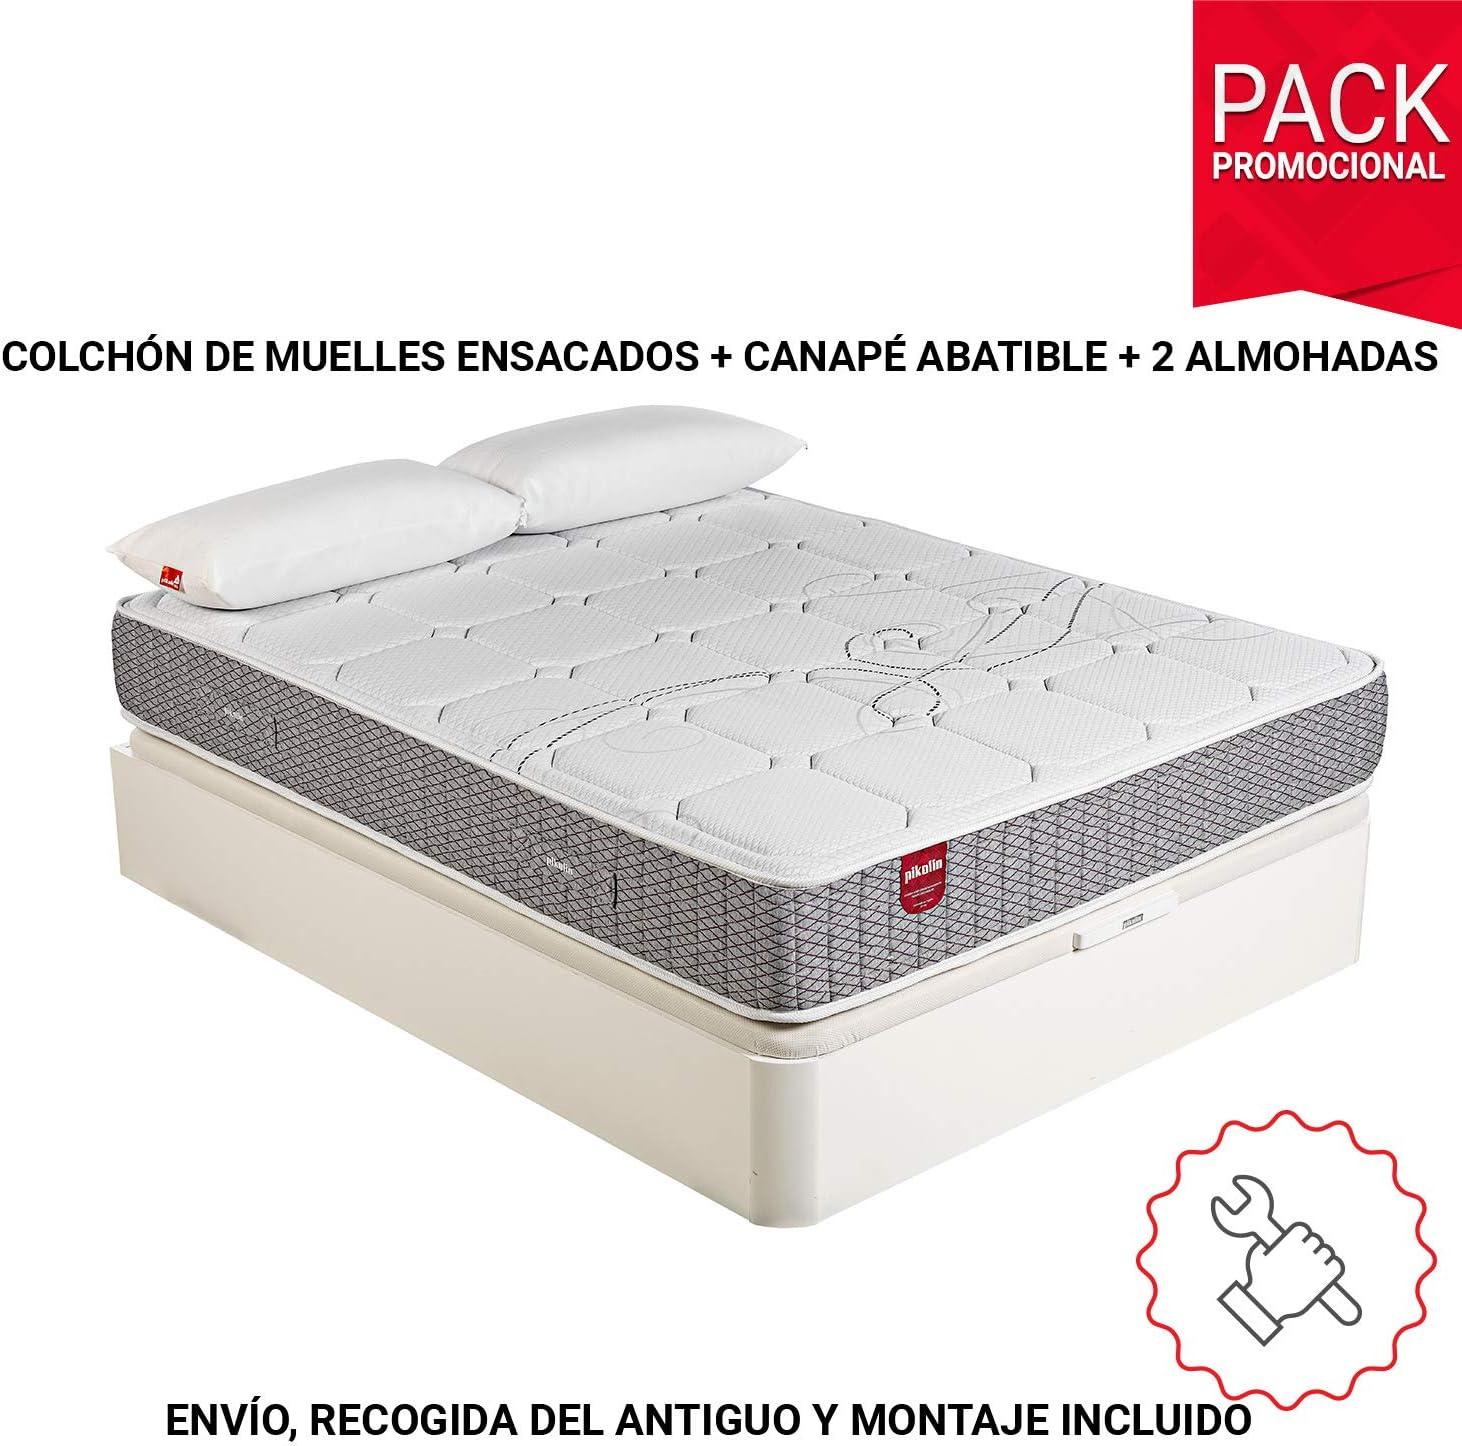 PIKOLIN Pack Colchón Troas de muelles ensacados 150x190 + canapé con Base abatible y 2 Almohadas de Fibra